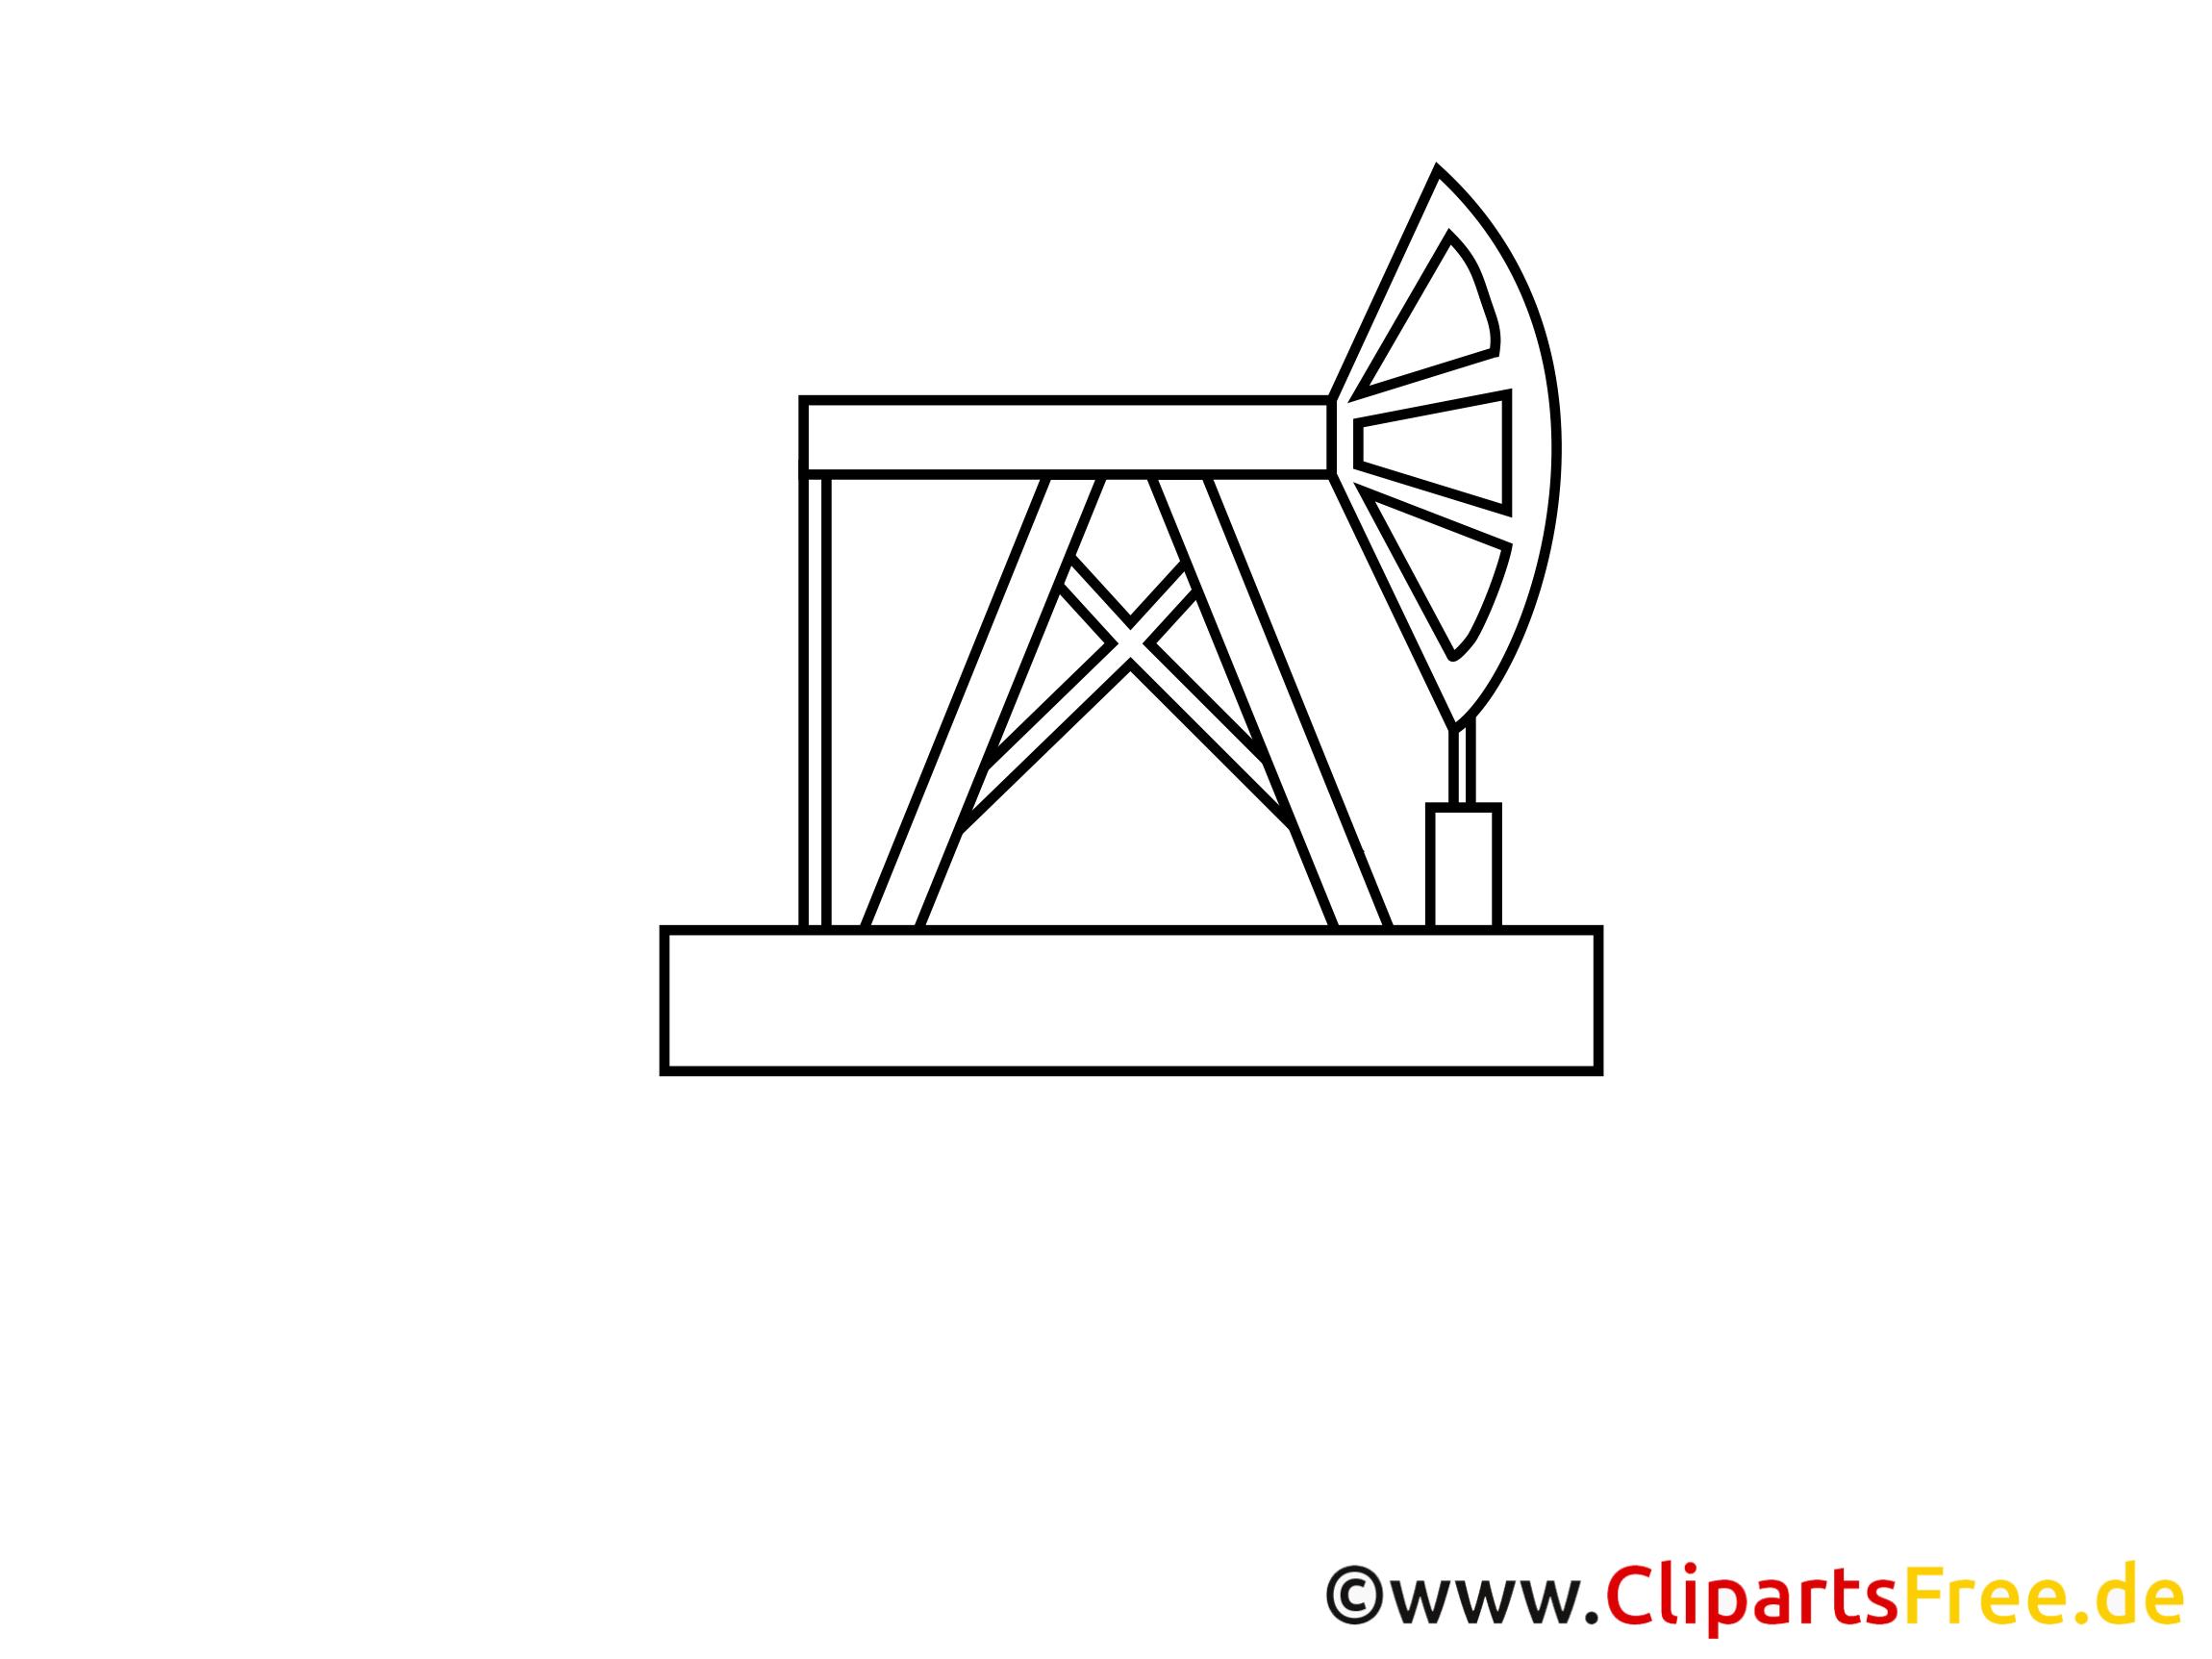 Clipart raffinerie à imprimer - Industrie images